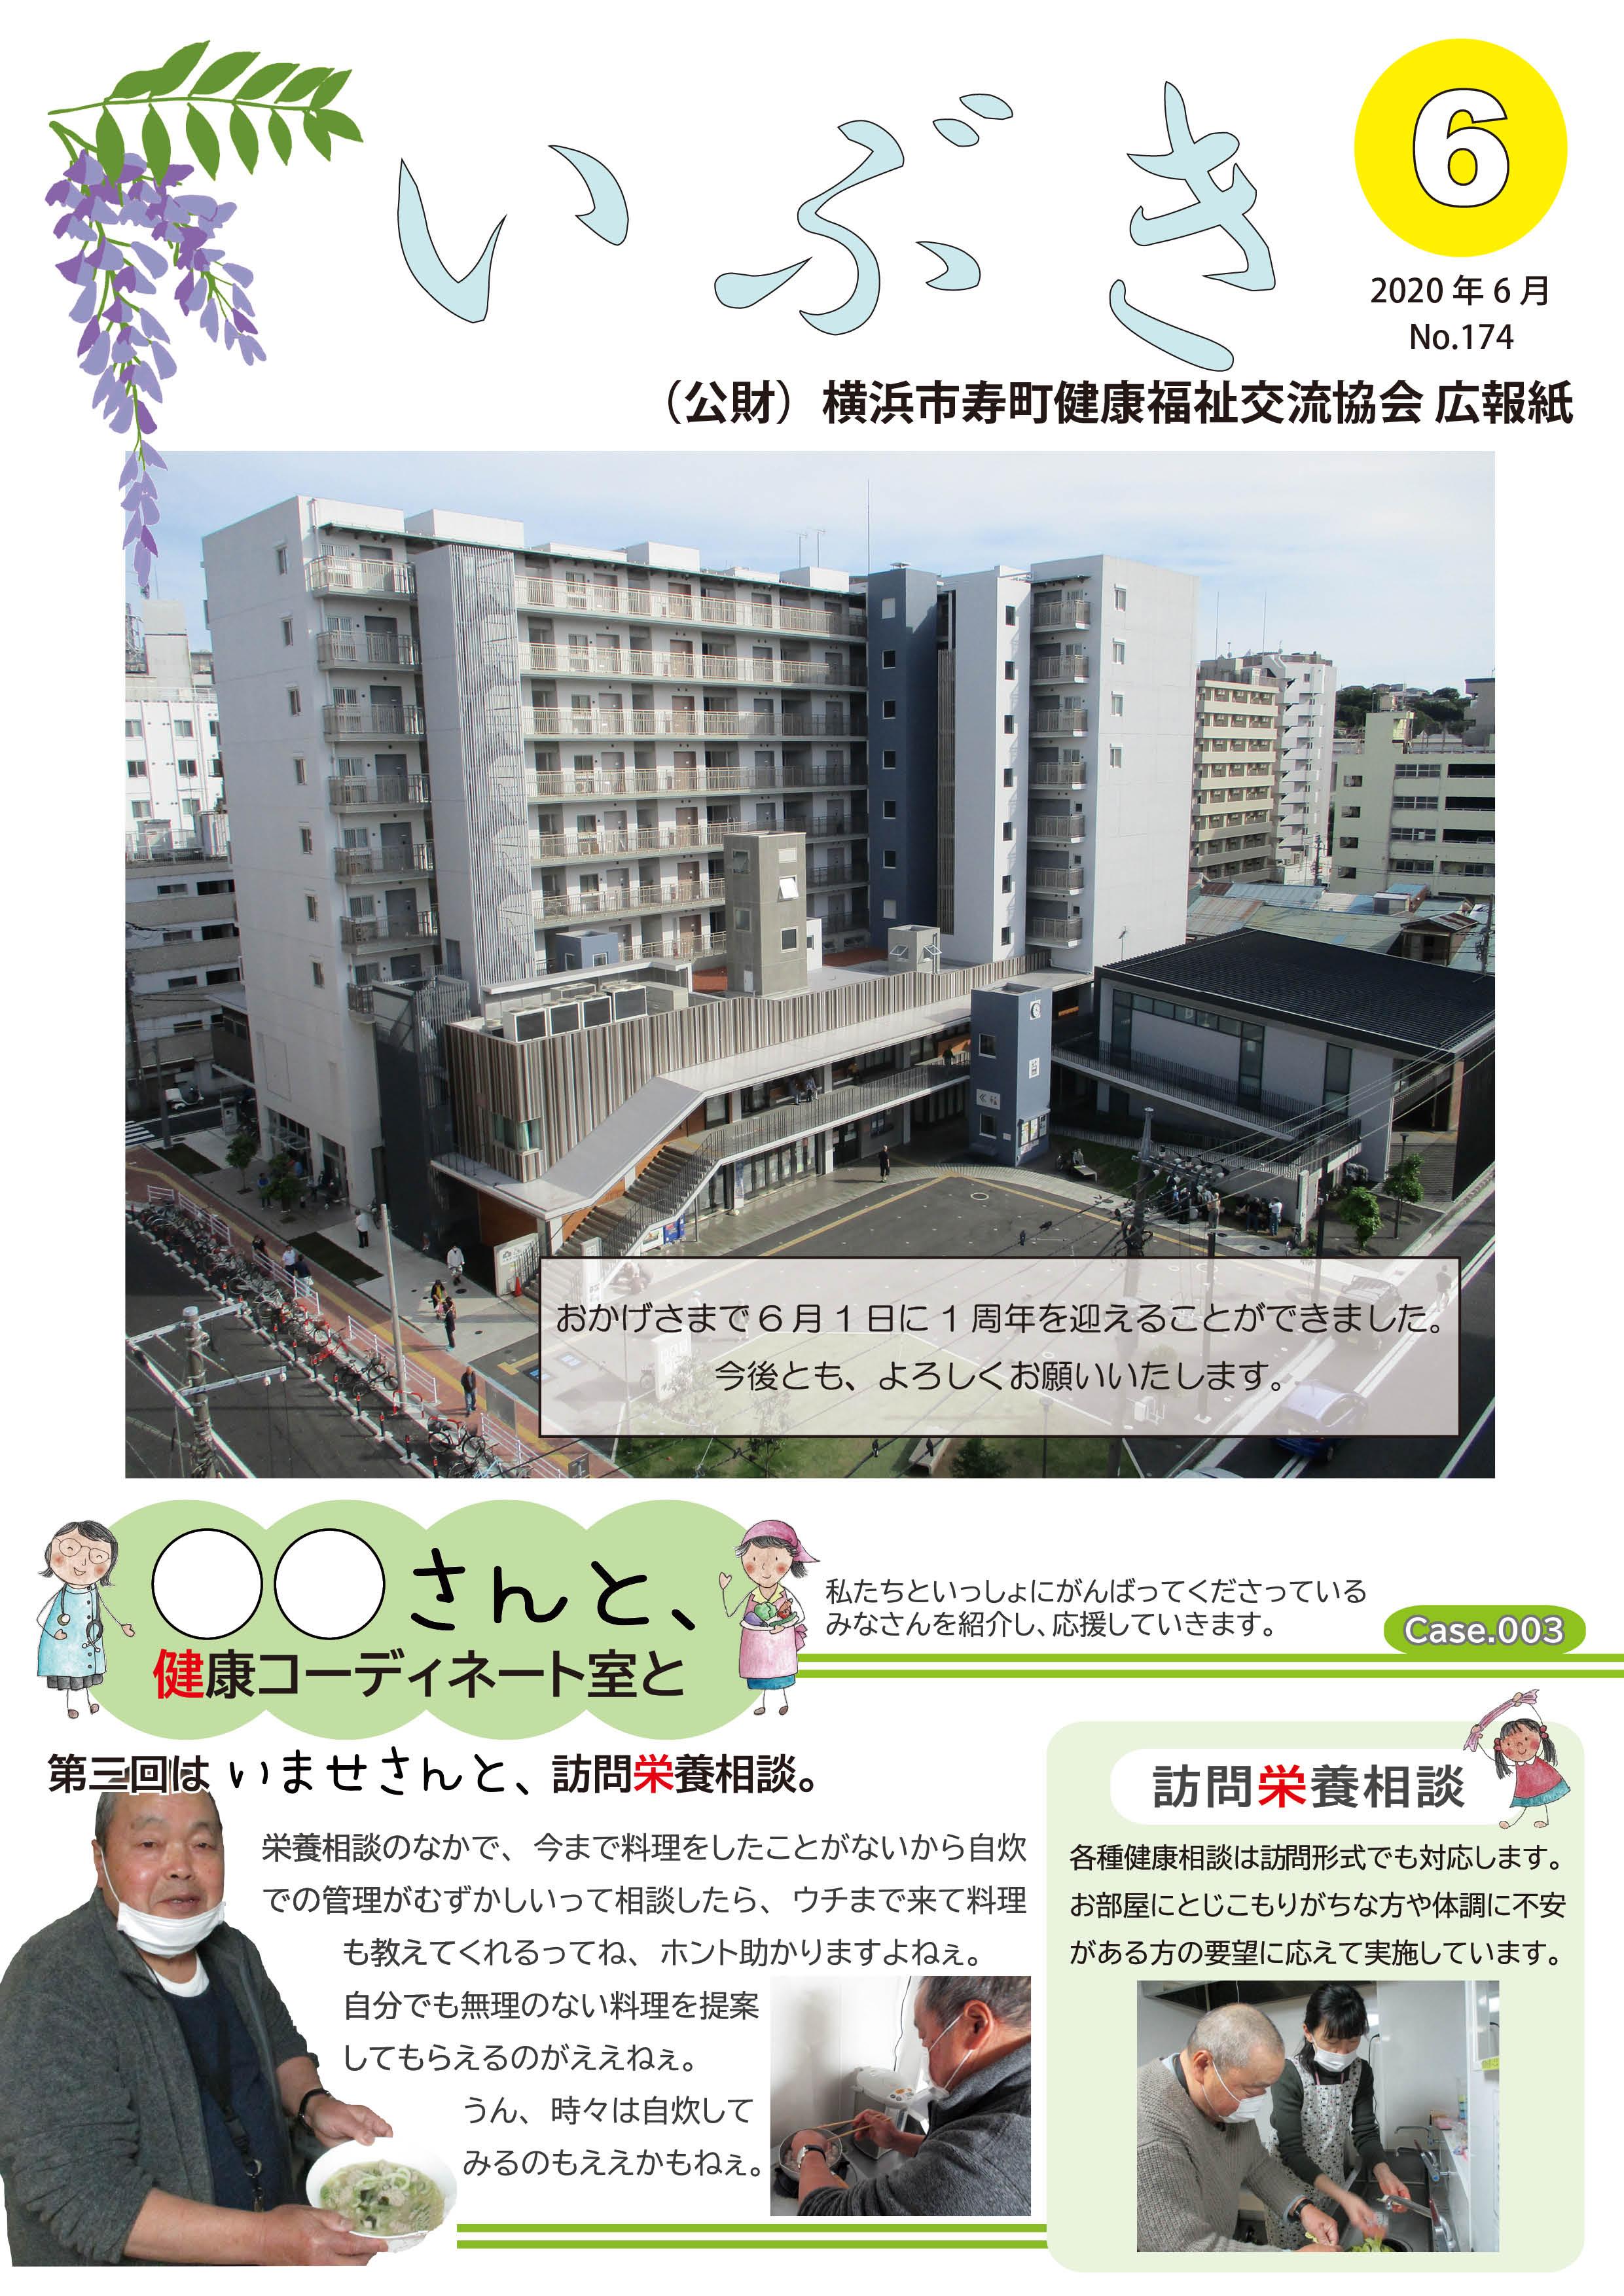 広報紙いぶき2020年6月号(No.174)